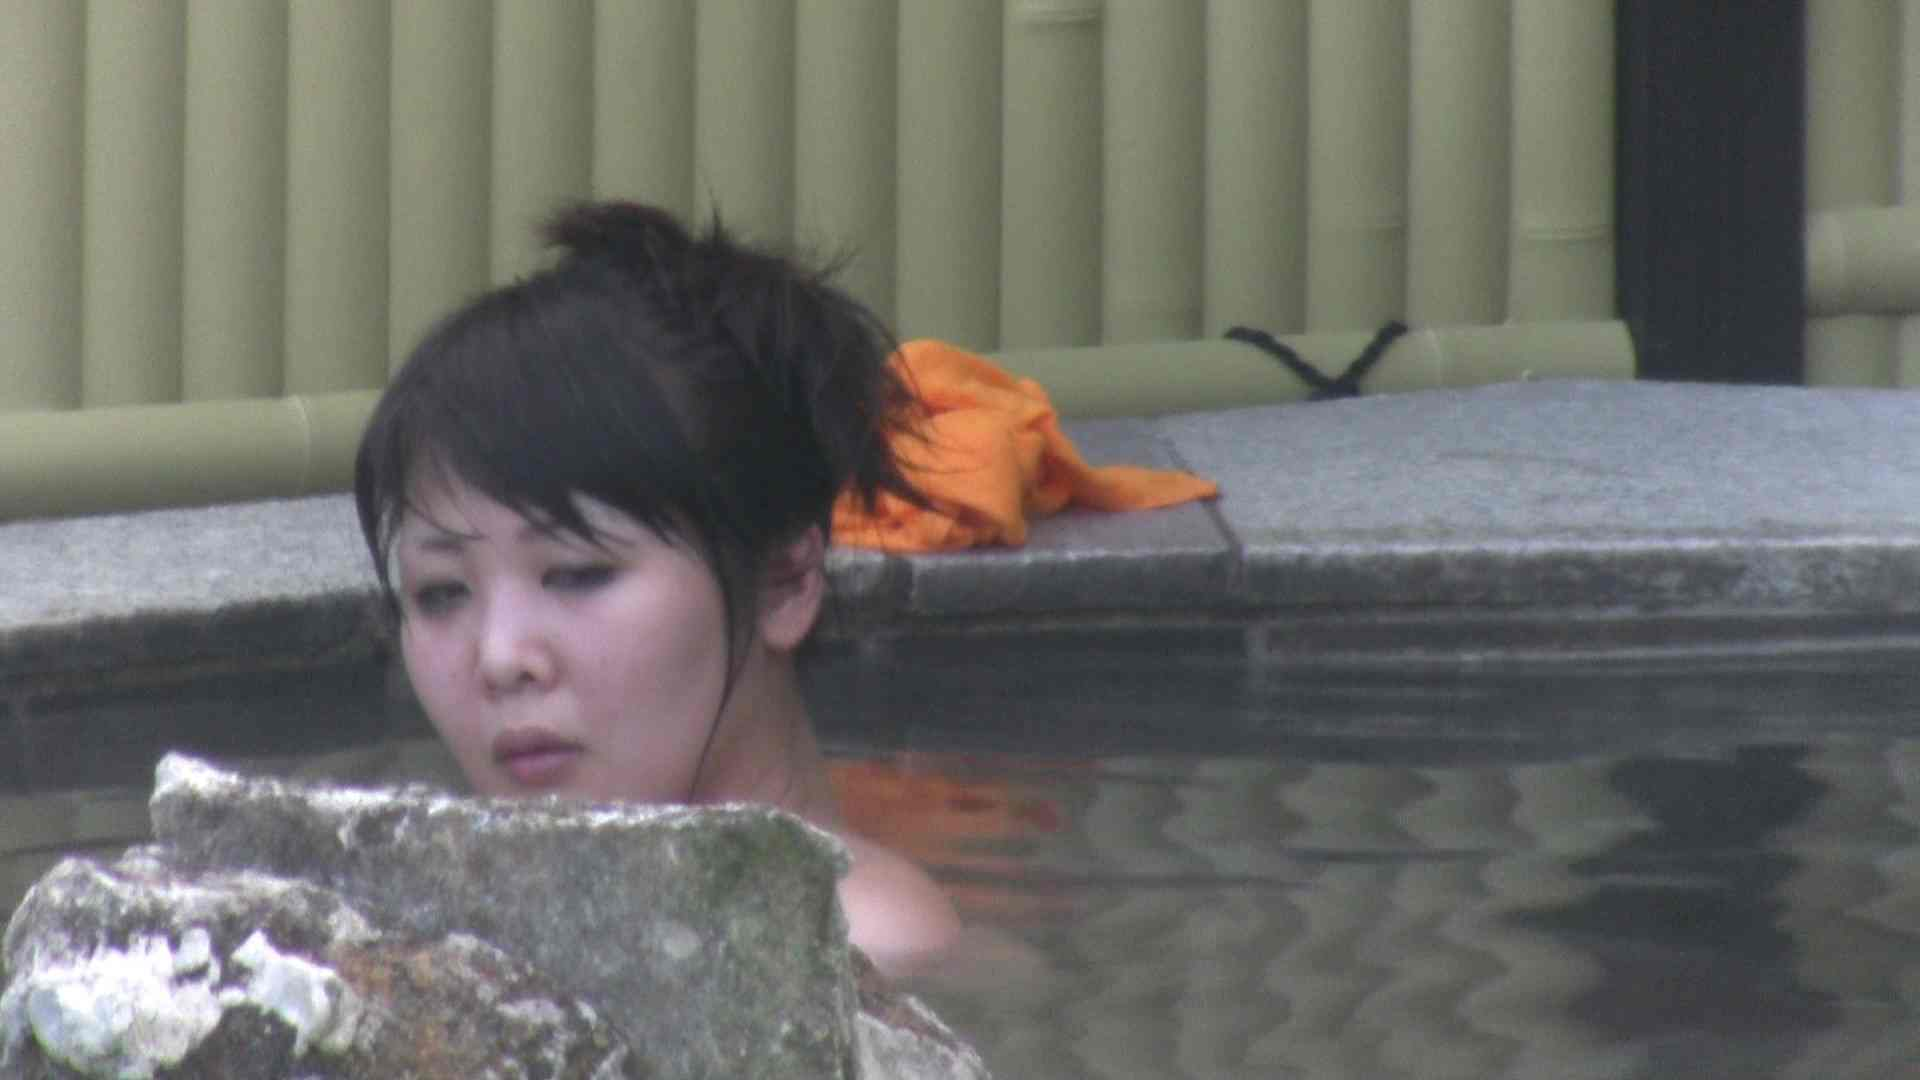 Aquaな露天風呂Vol.118 いやらしいOL おまんこ無修正動画無料 85連発 54